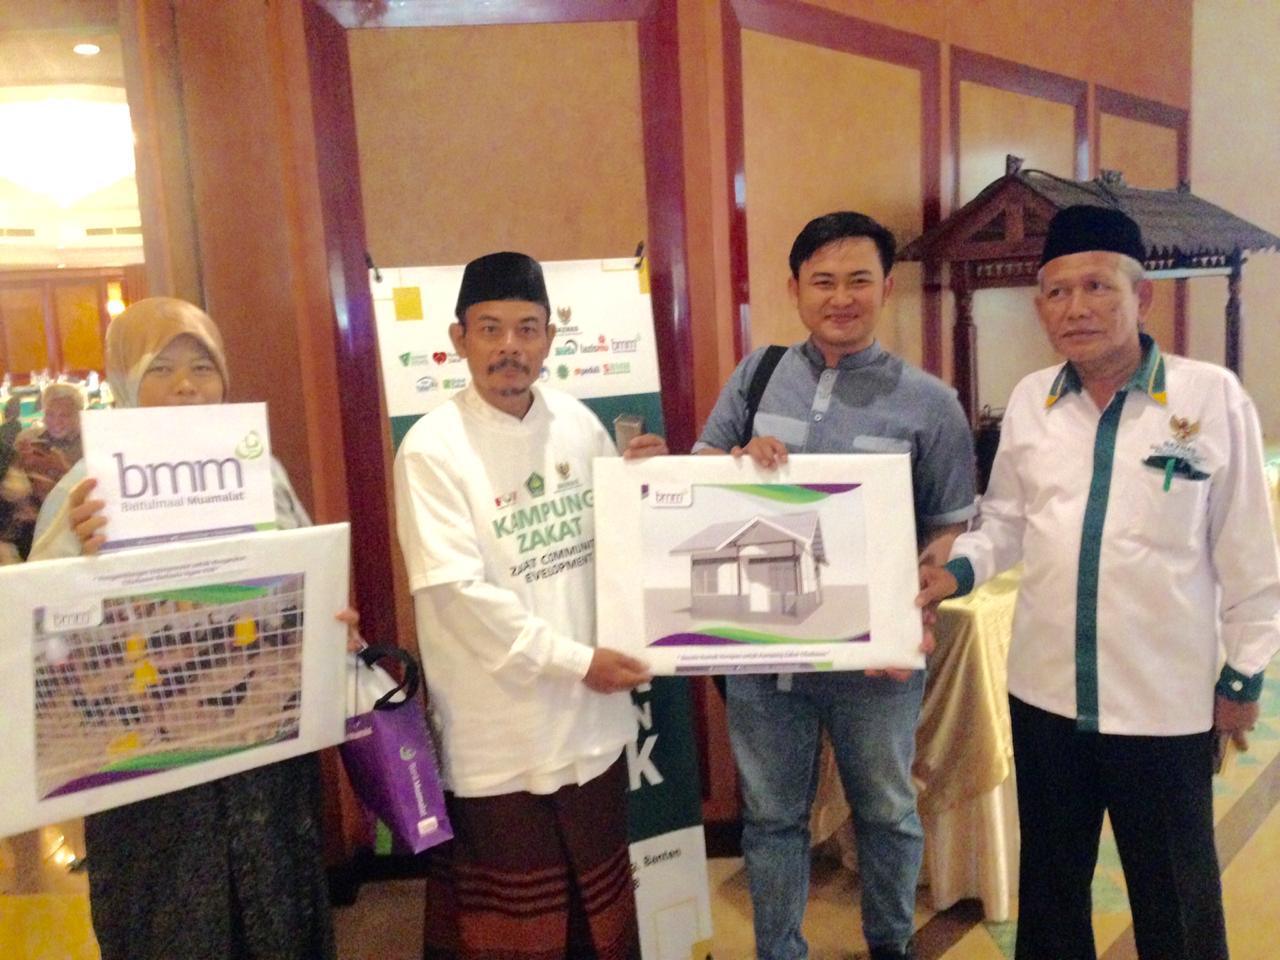 files/news/expo-kampung-zakat-ciladeun-8802227dac4b8ea.jpeg